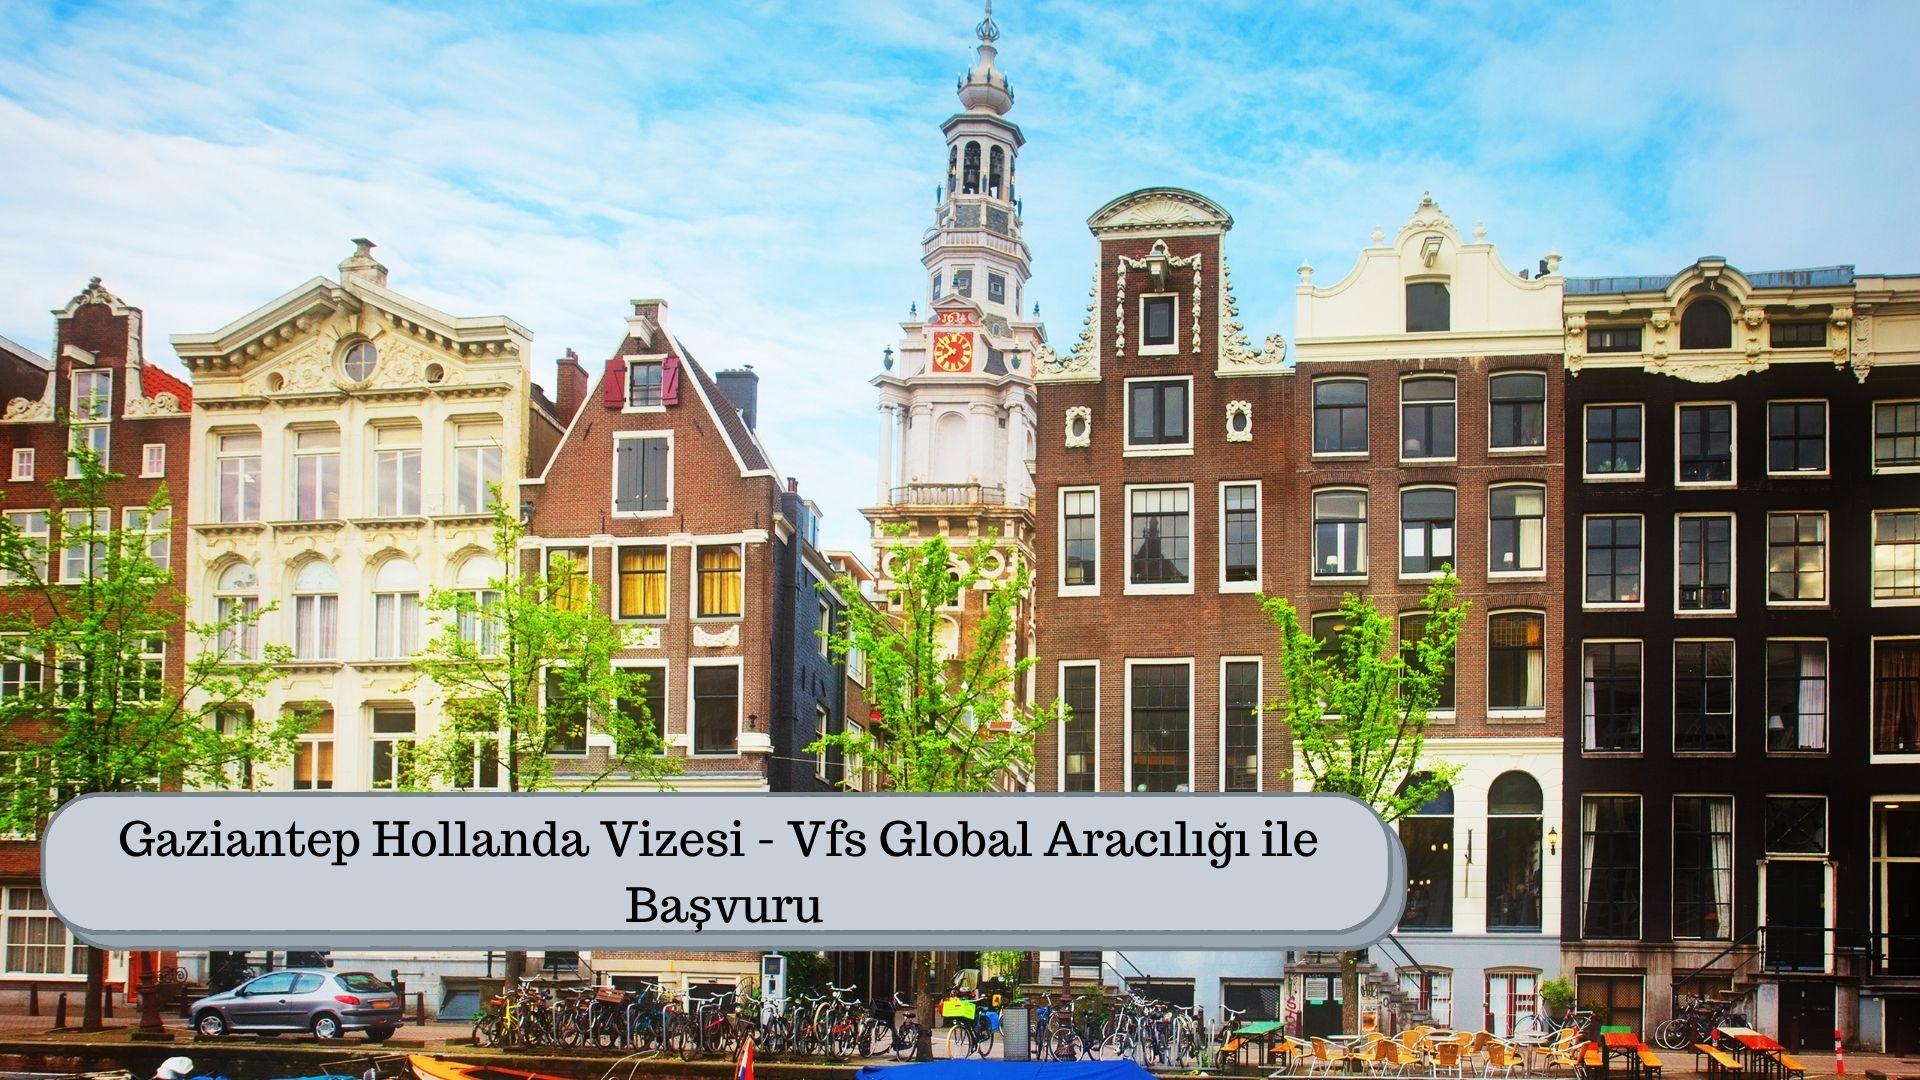 Gaziantep Hollanda Vizesi – Vfs Global Aracılığı ile Başvuru